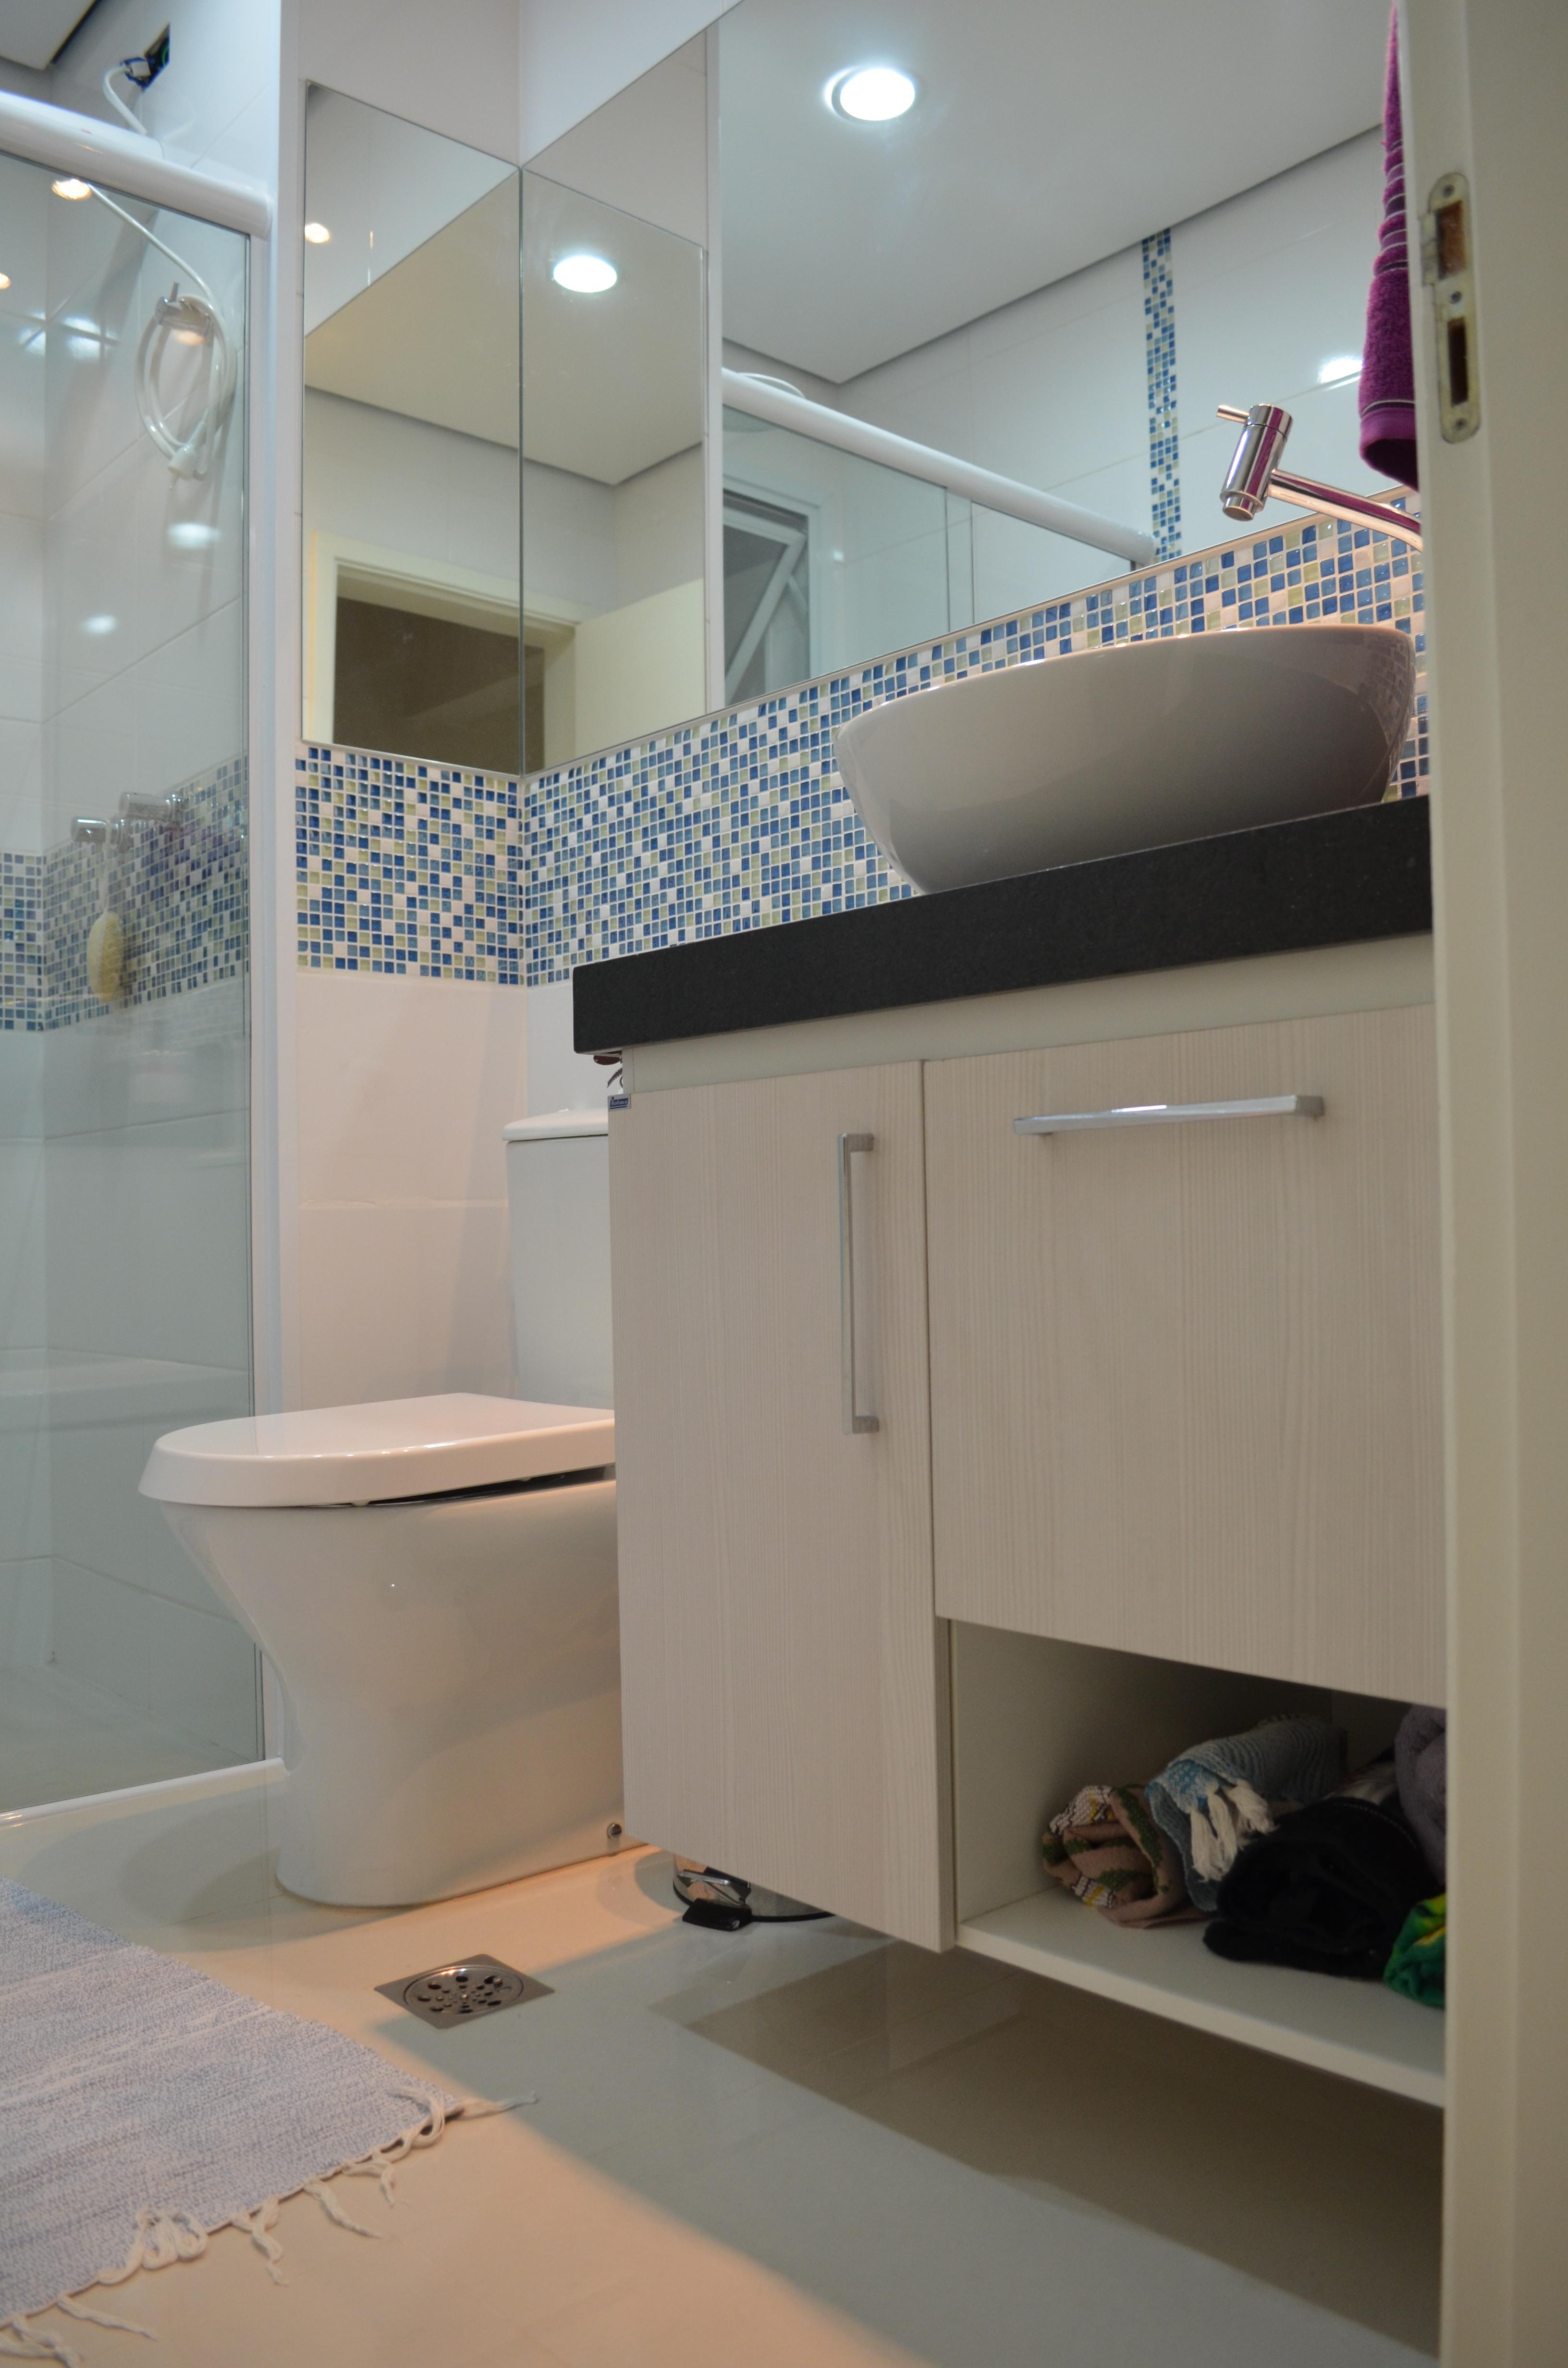 Banheiros Pequenos Reformados Antes E Depois  homefiresafetykitcom banheiro -> Reforma Banheiro Pequeno Antes E Depois